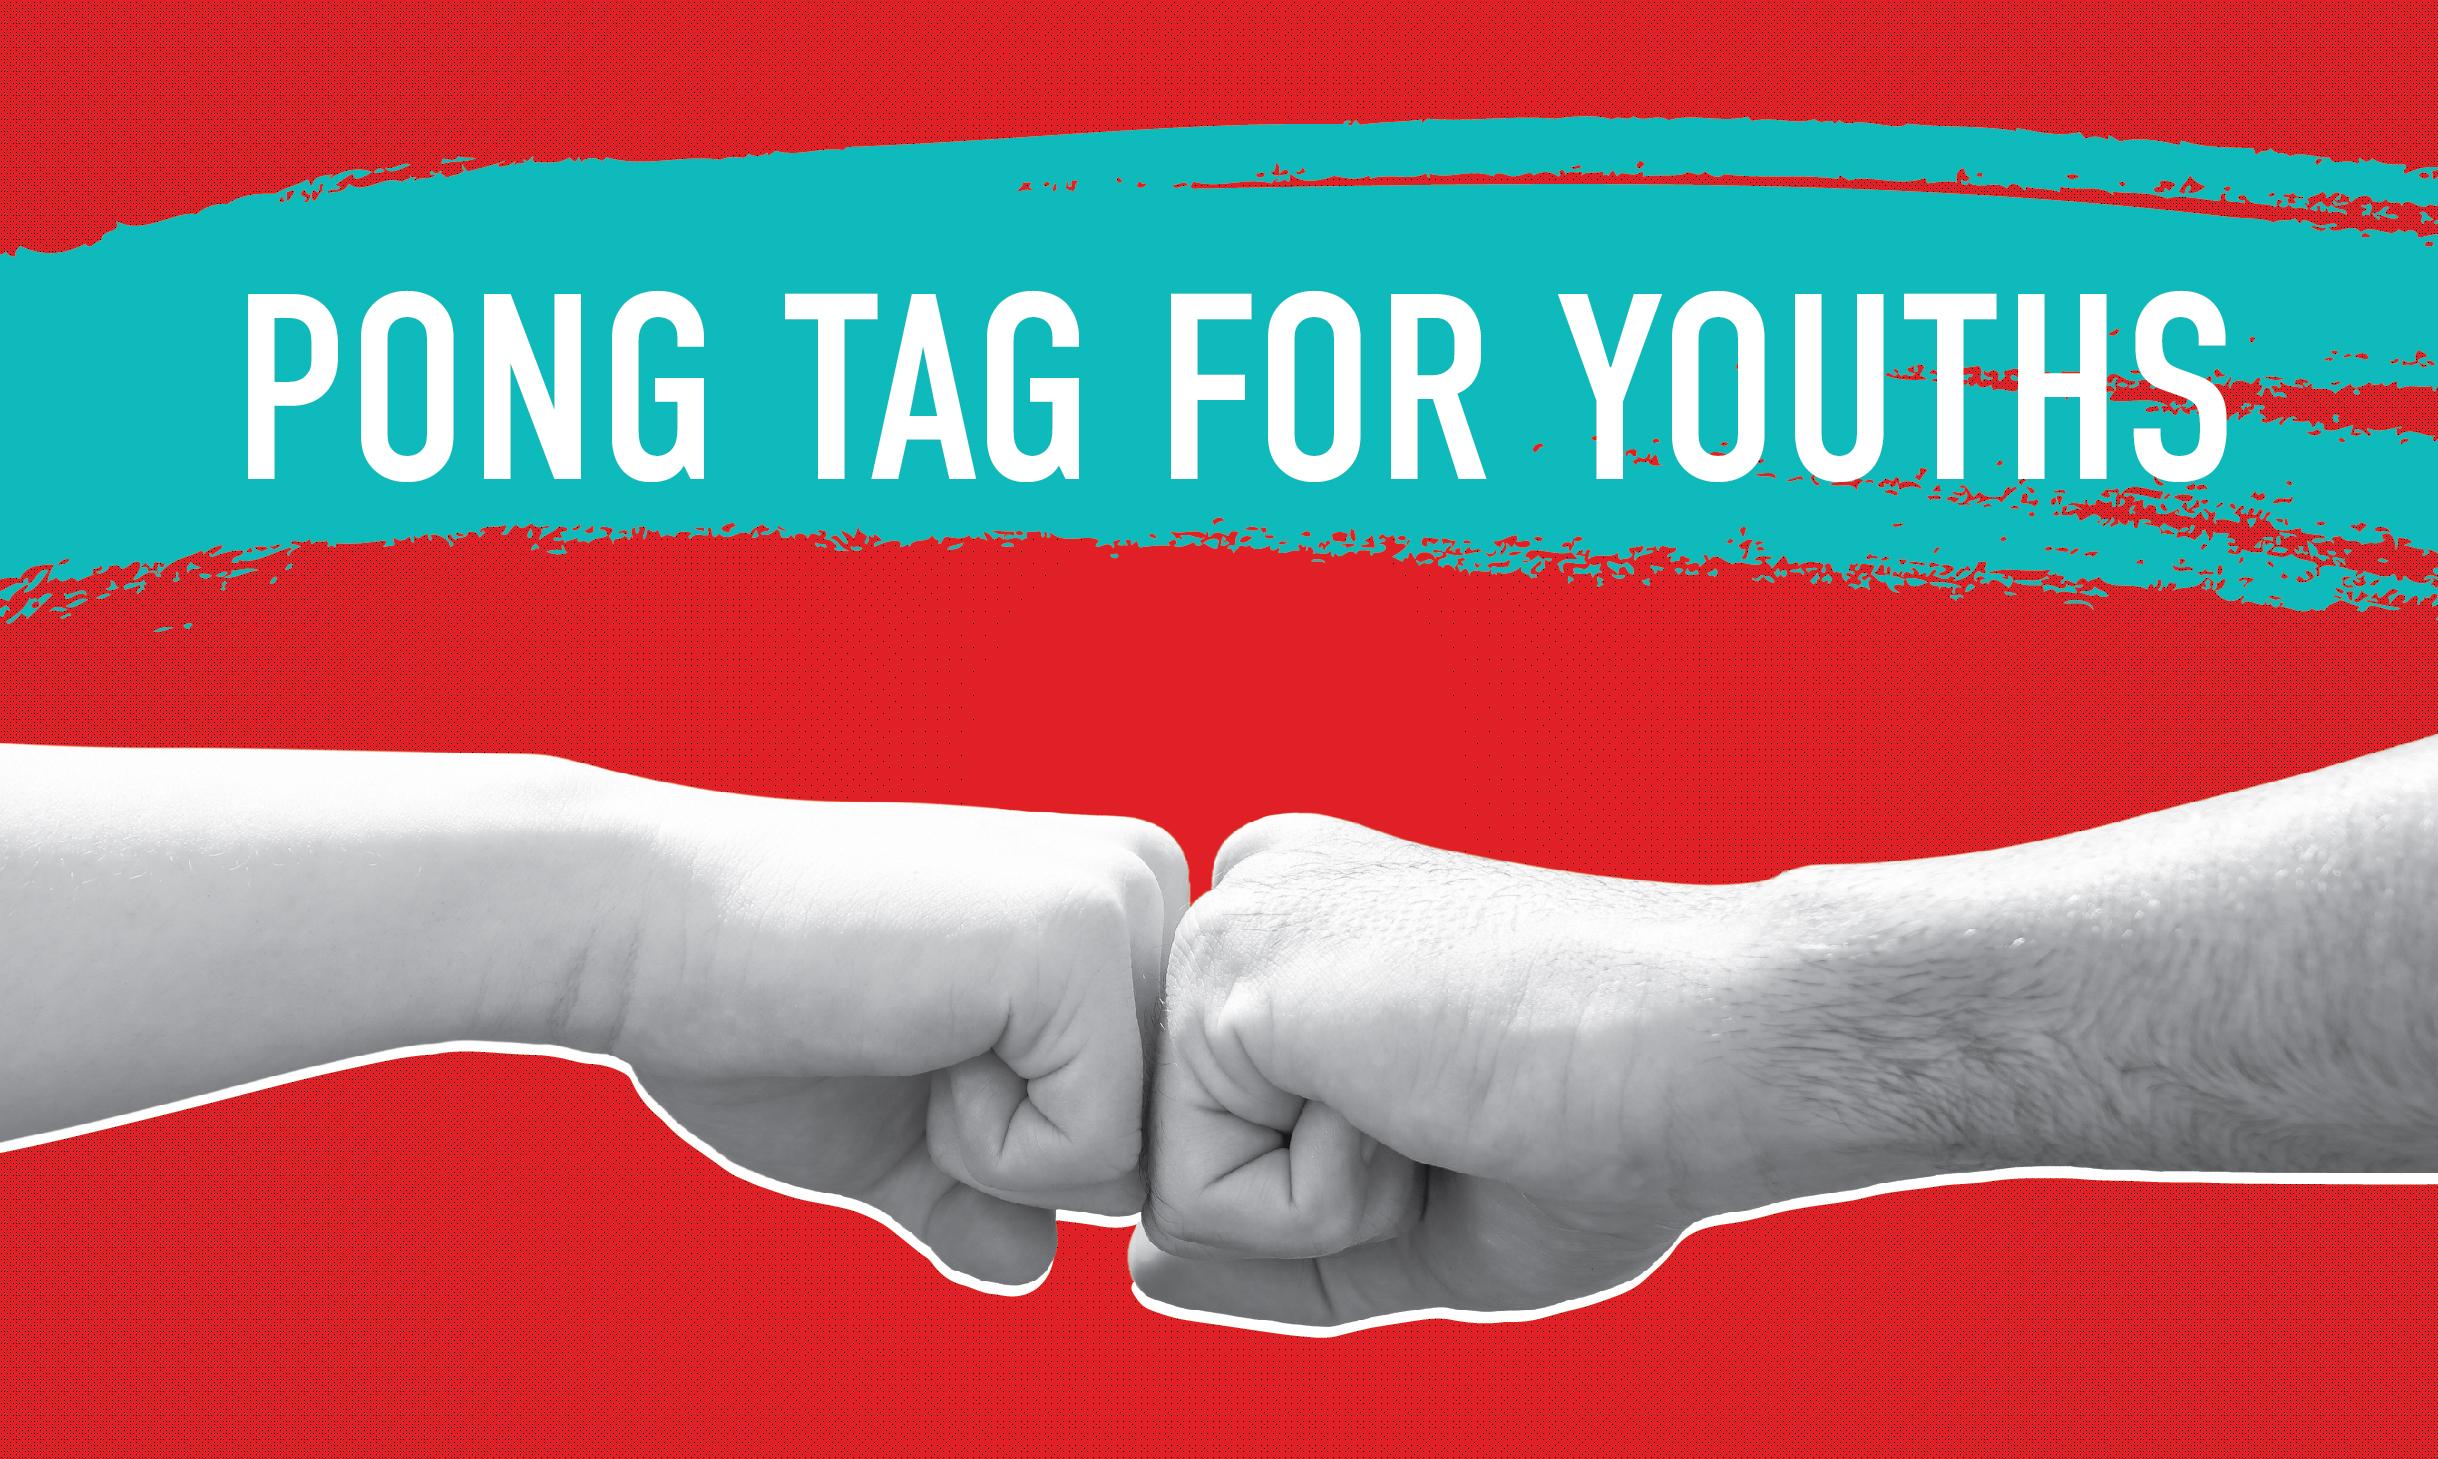 pong tag